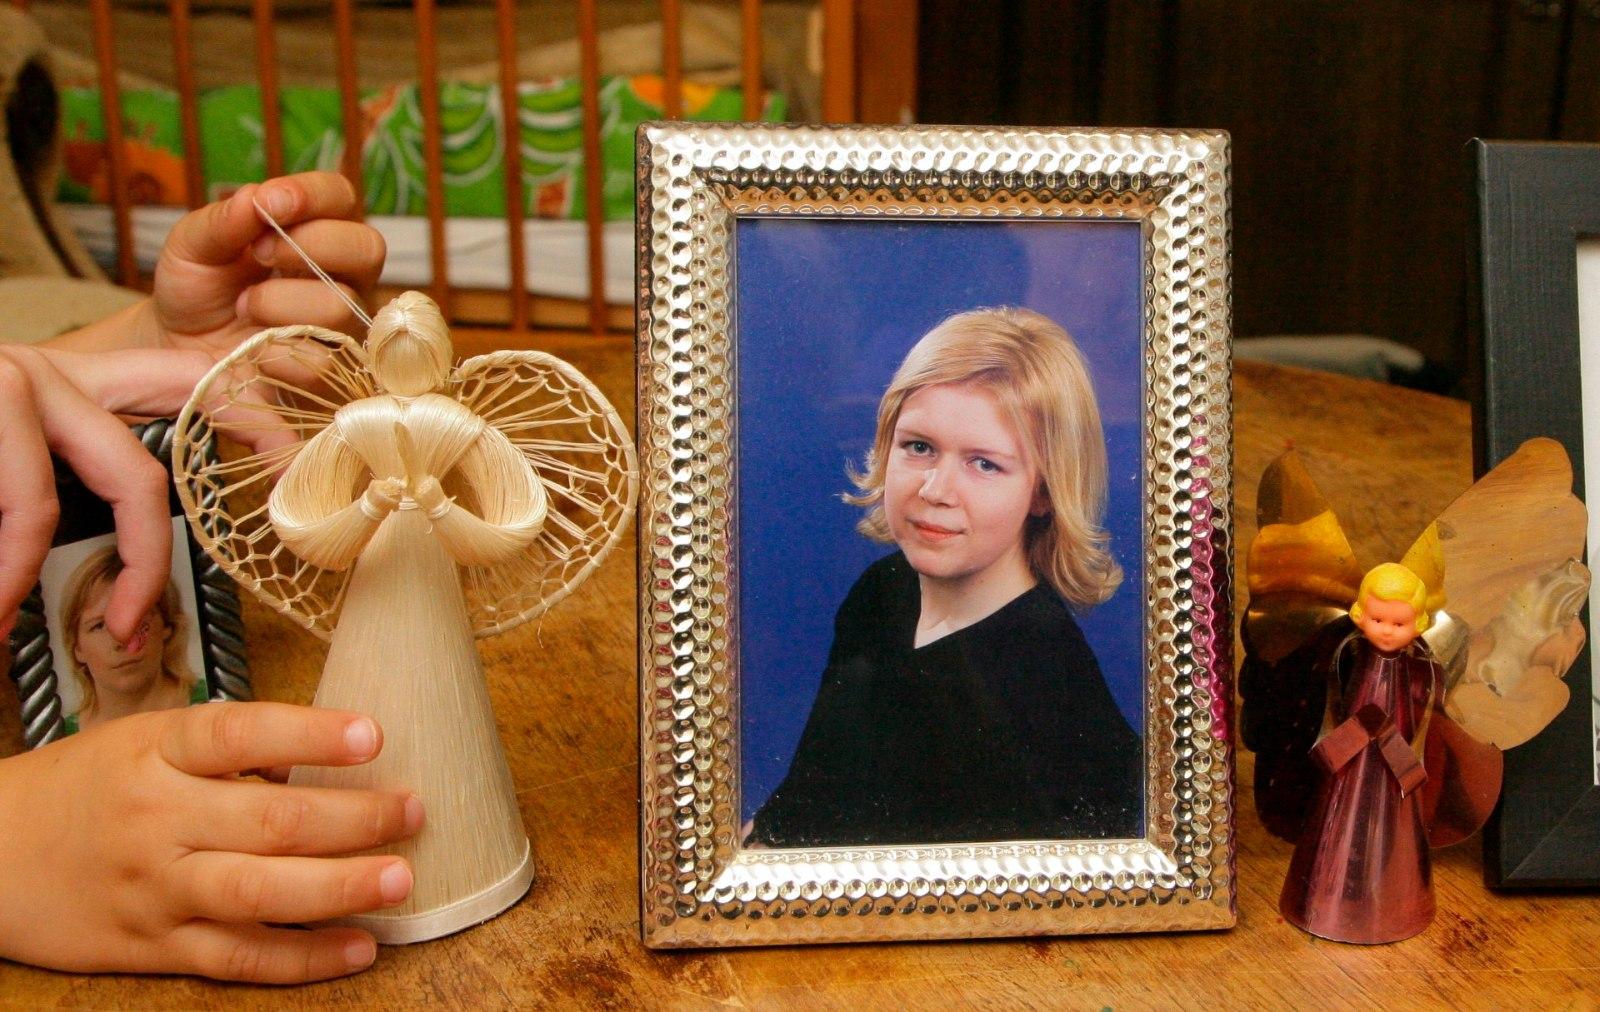 76a1e54567e Oma naise mõrvanud tuneeslane astub kohtu ette | Õhtuleht